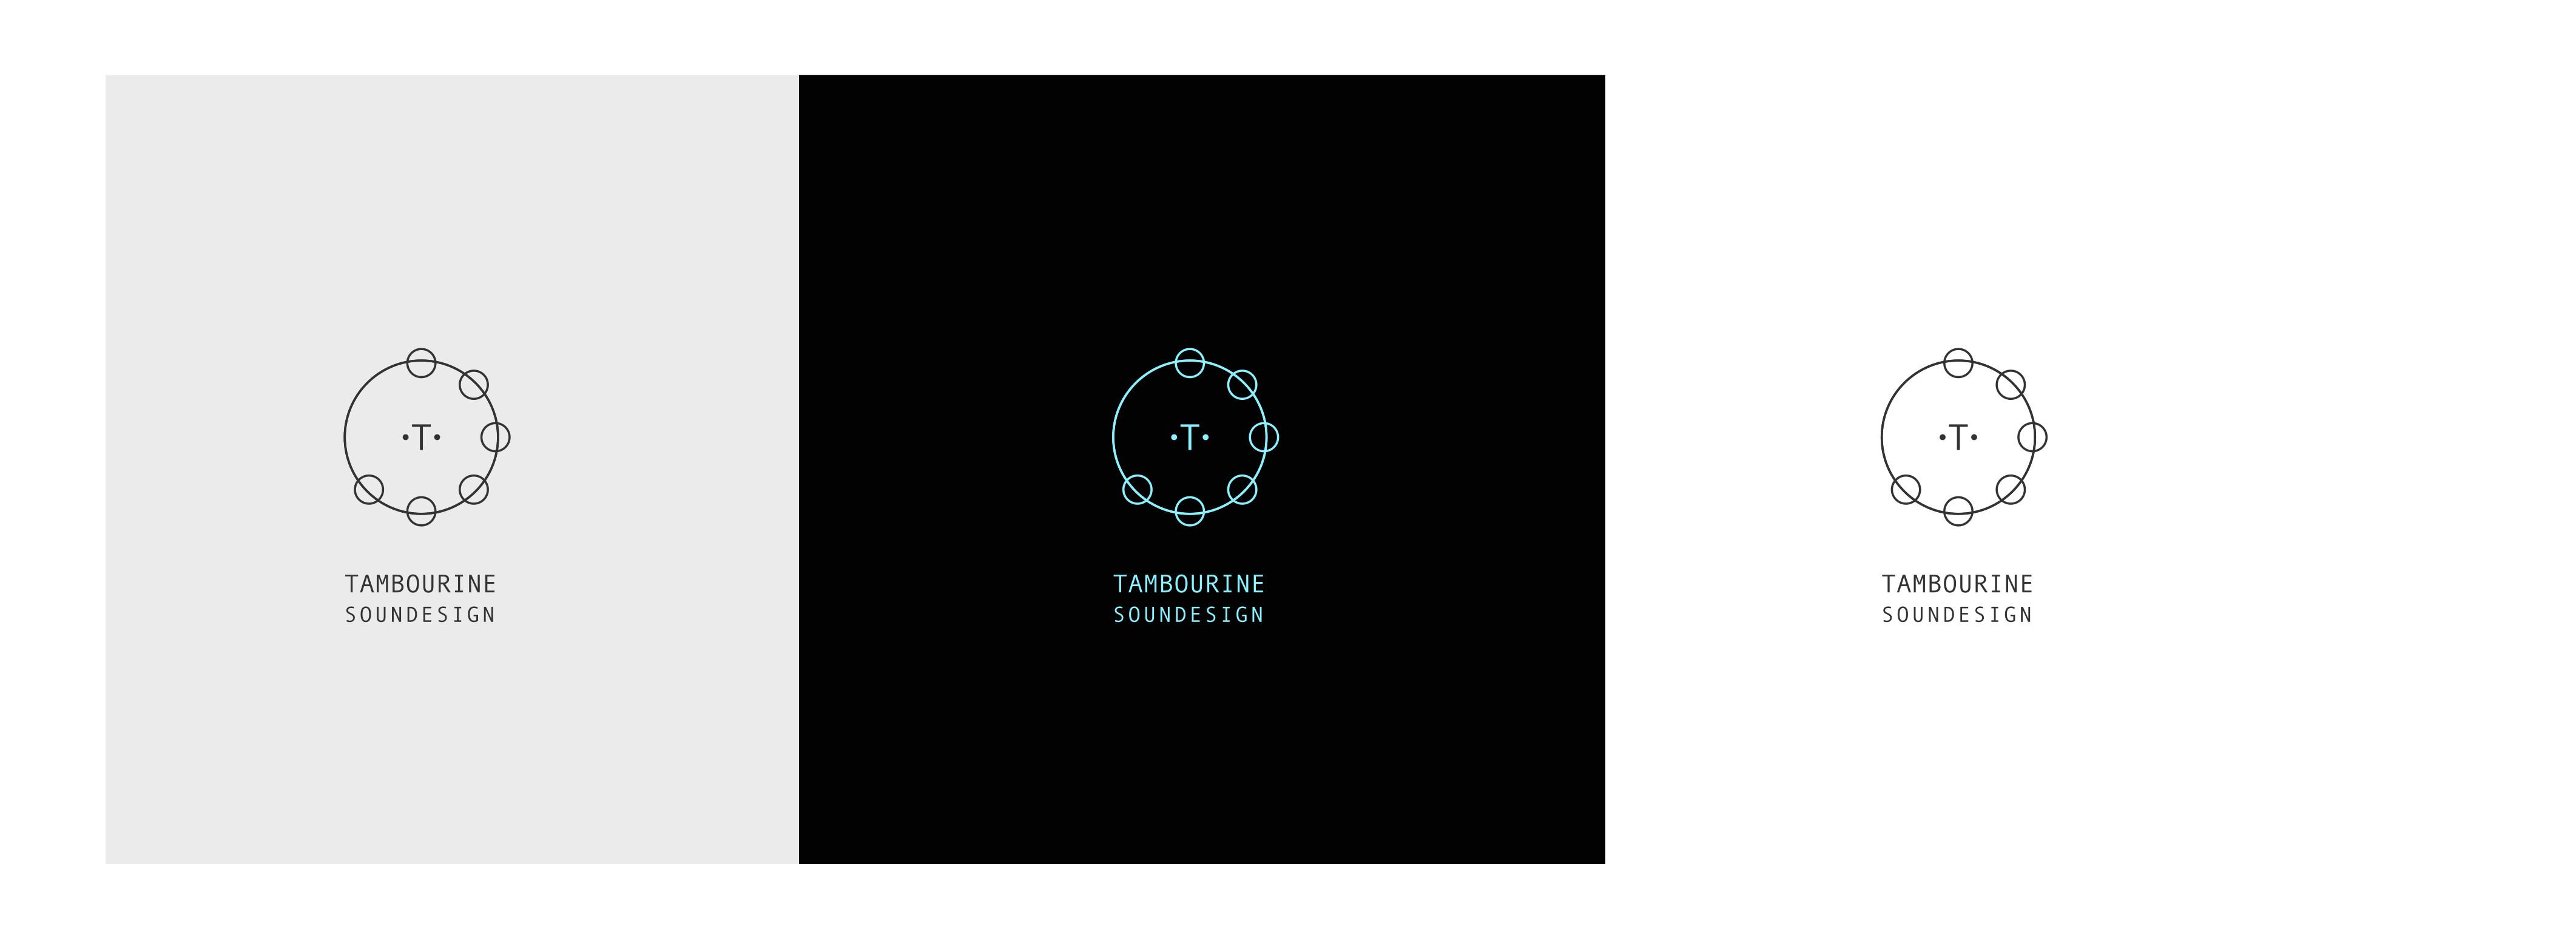 tambourine_final